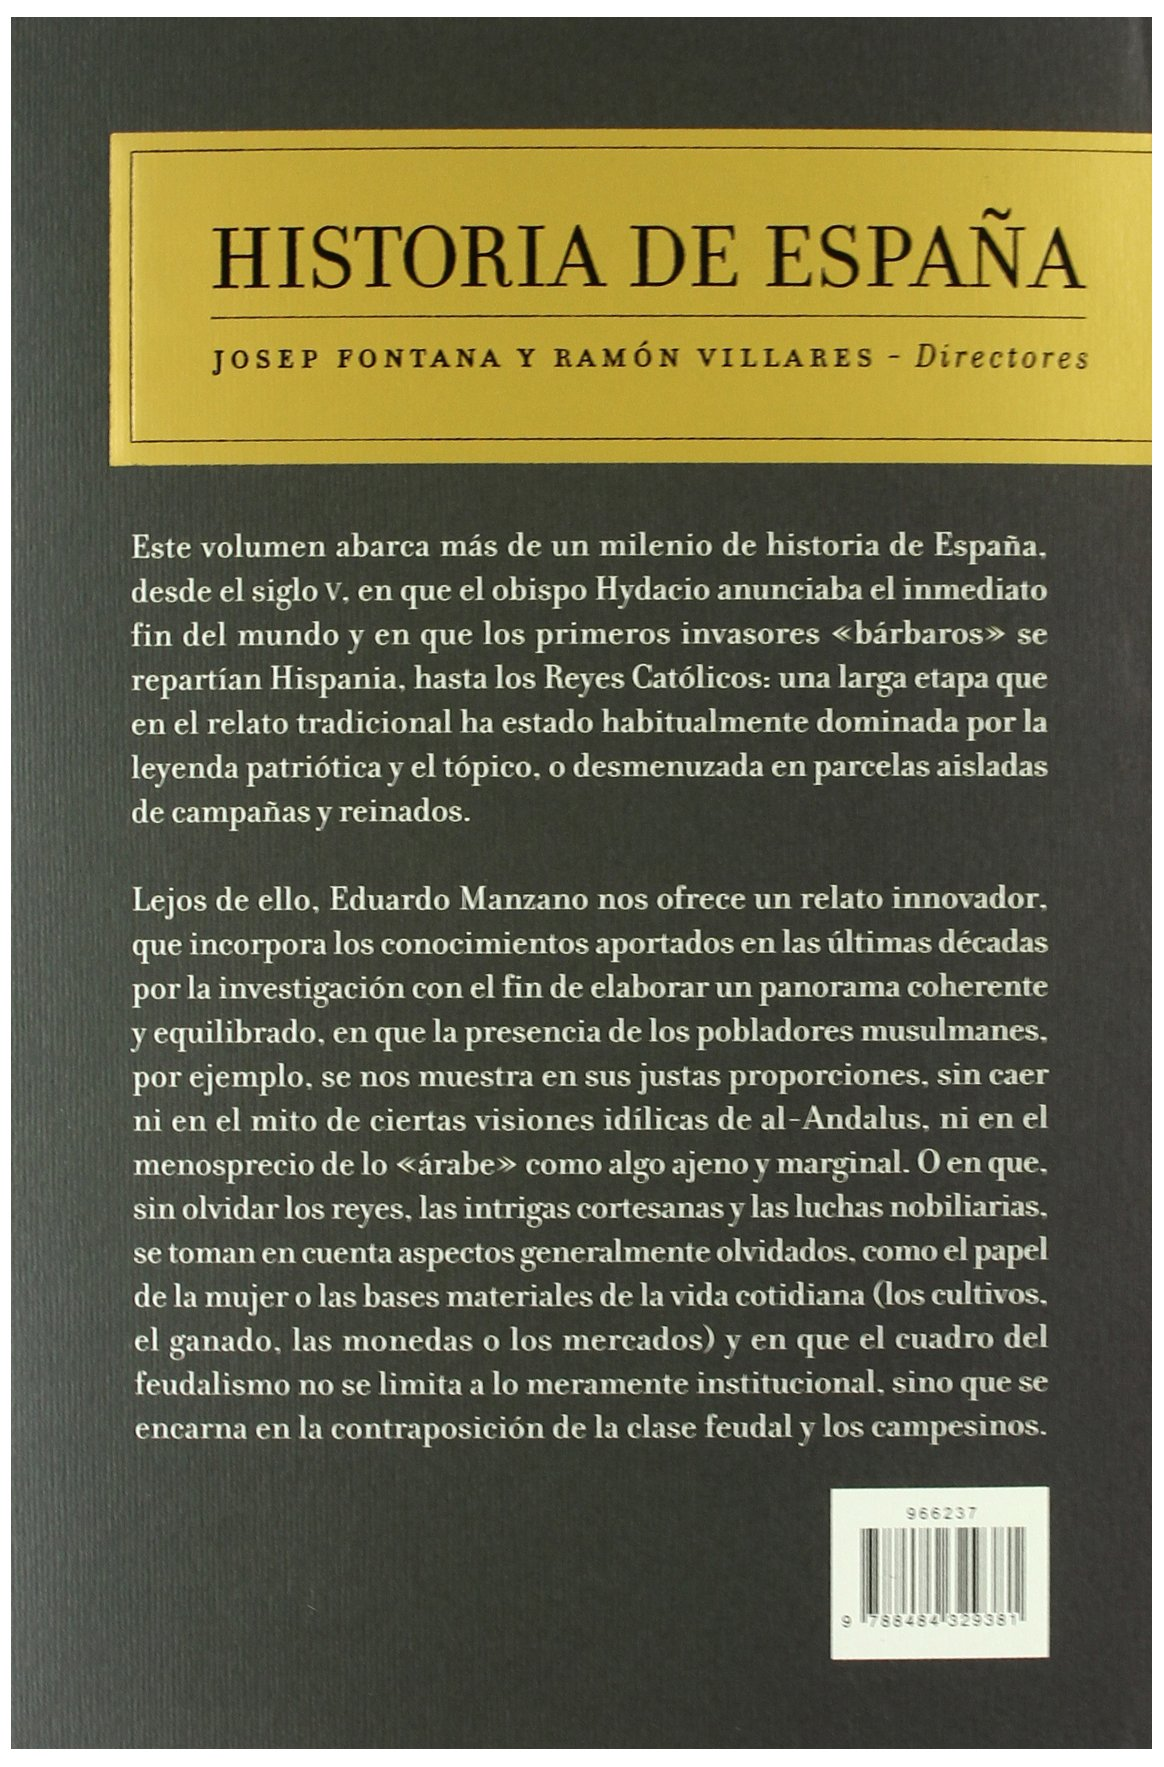 Épocas medievales: Historia de España Vol. 2: Amazon.es: Manzano, Eduardo: Libros